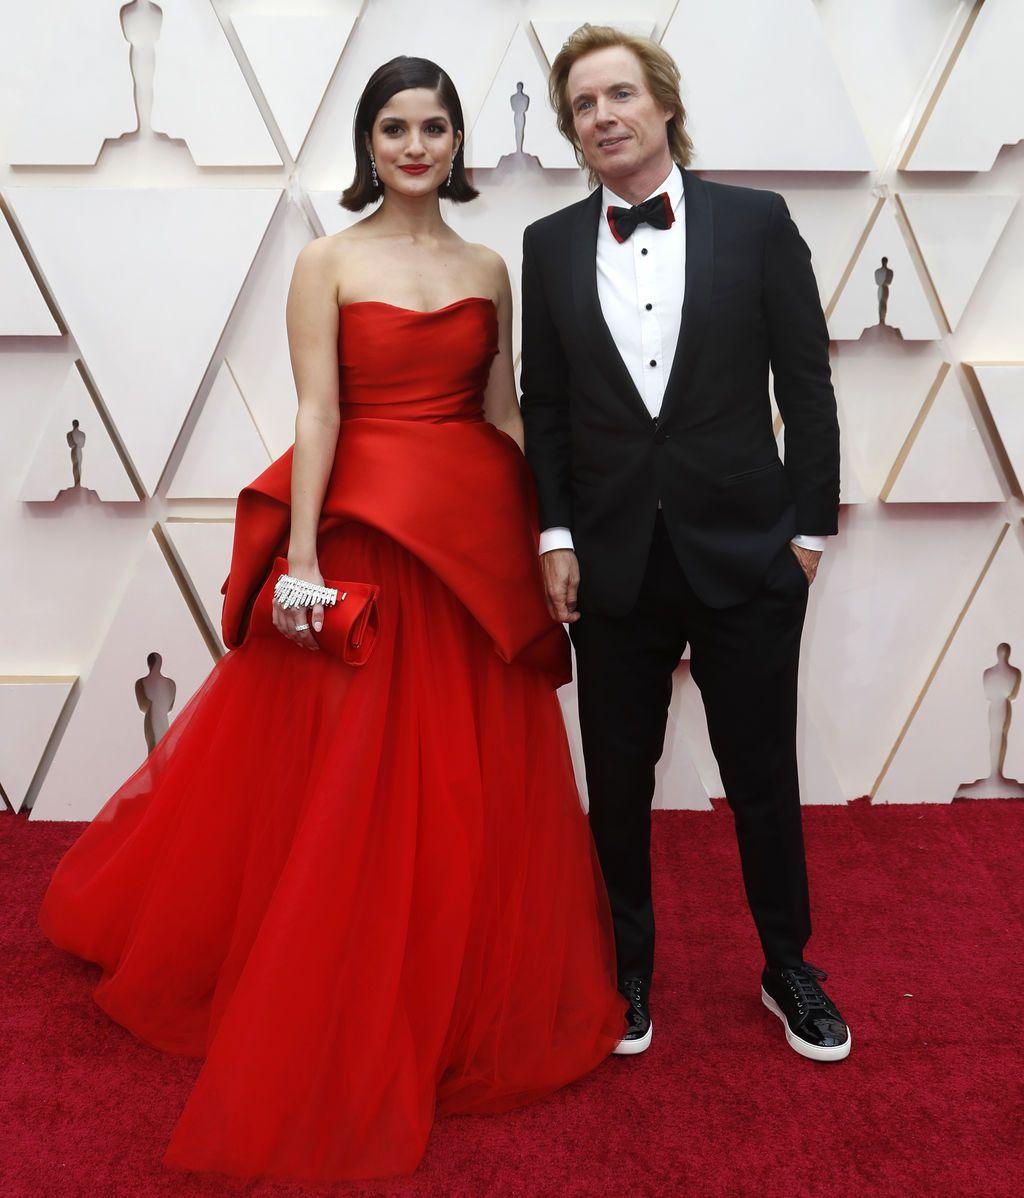 Bryan Buckley y Kiana Madani  posan en la alfombra roja de los Premios Óscar 2020